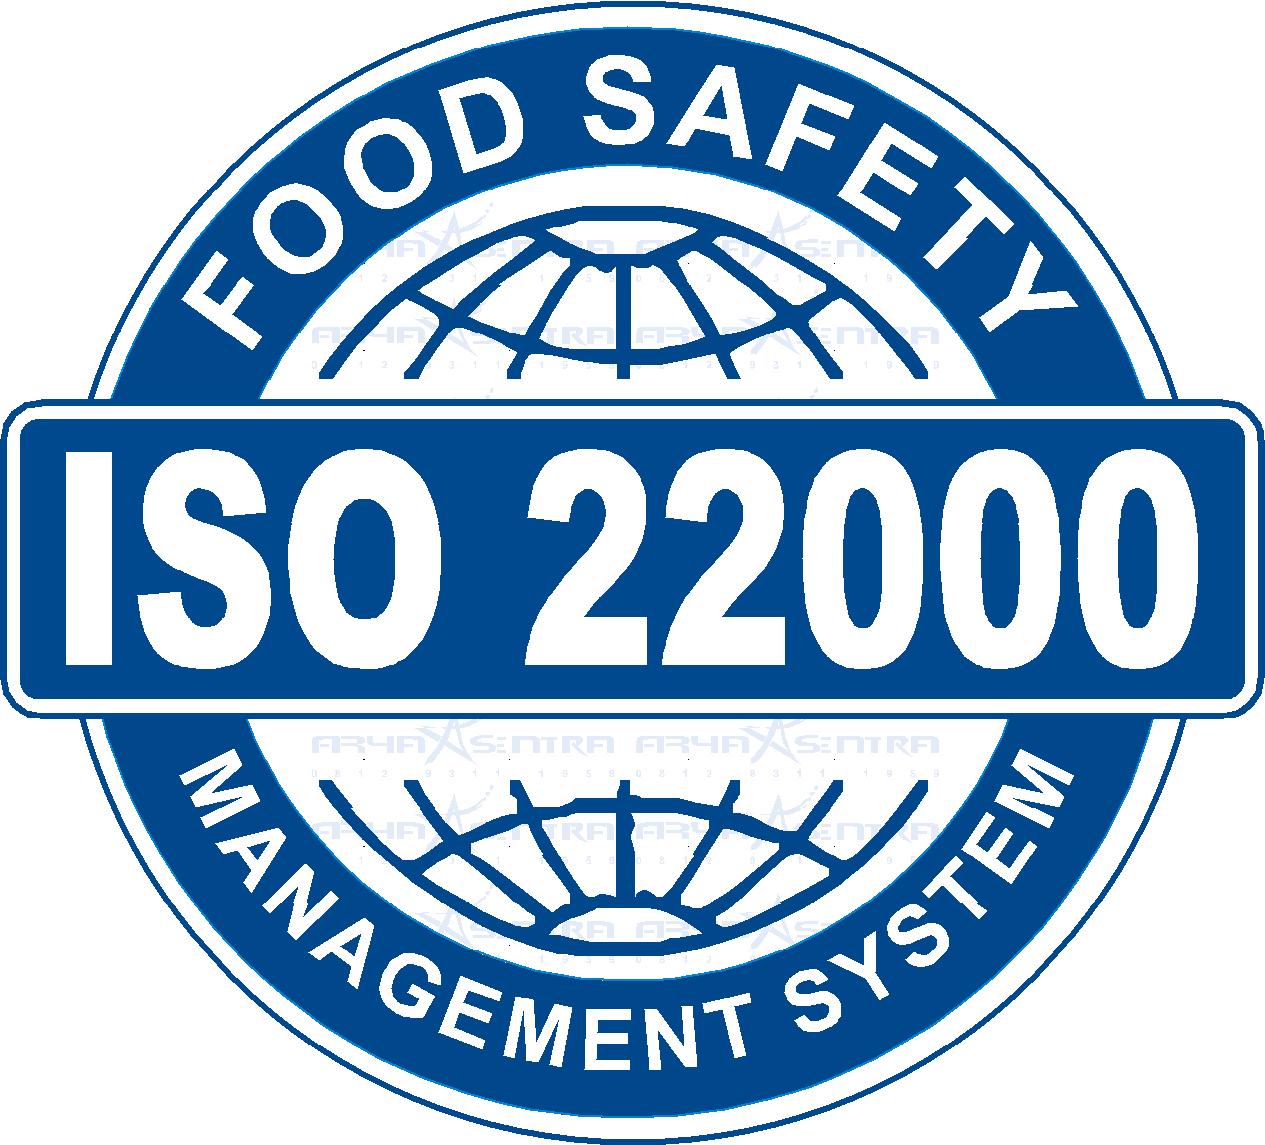 Jasa Konsultan Food Safety   Pentingnya penerapan sistem keamanan pangan di industri Pangan